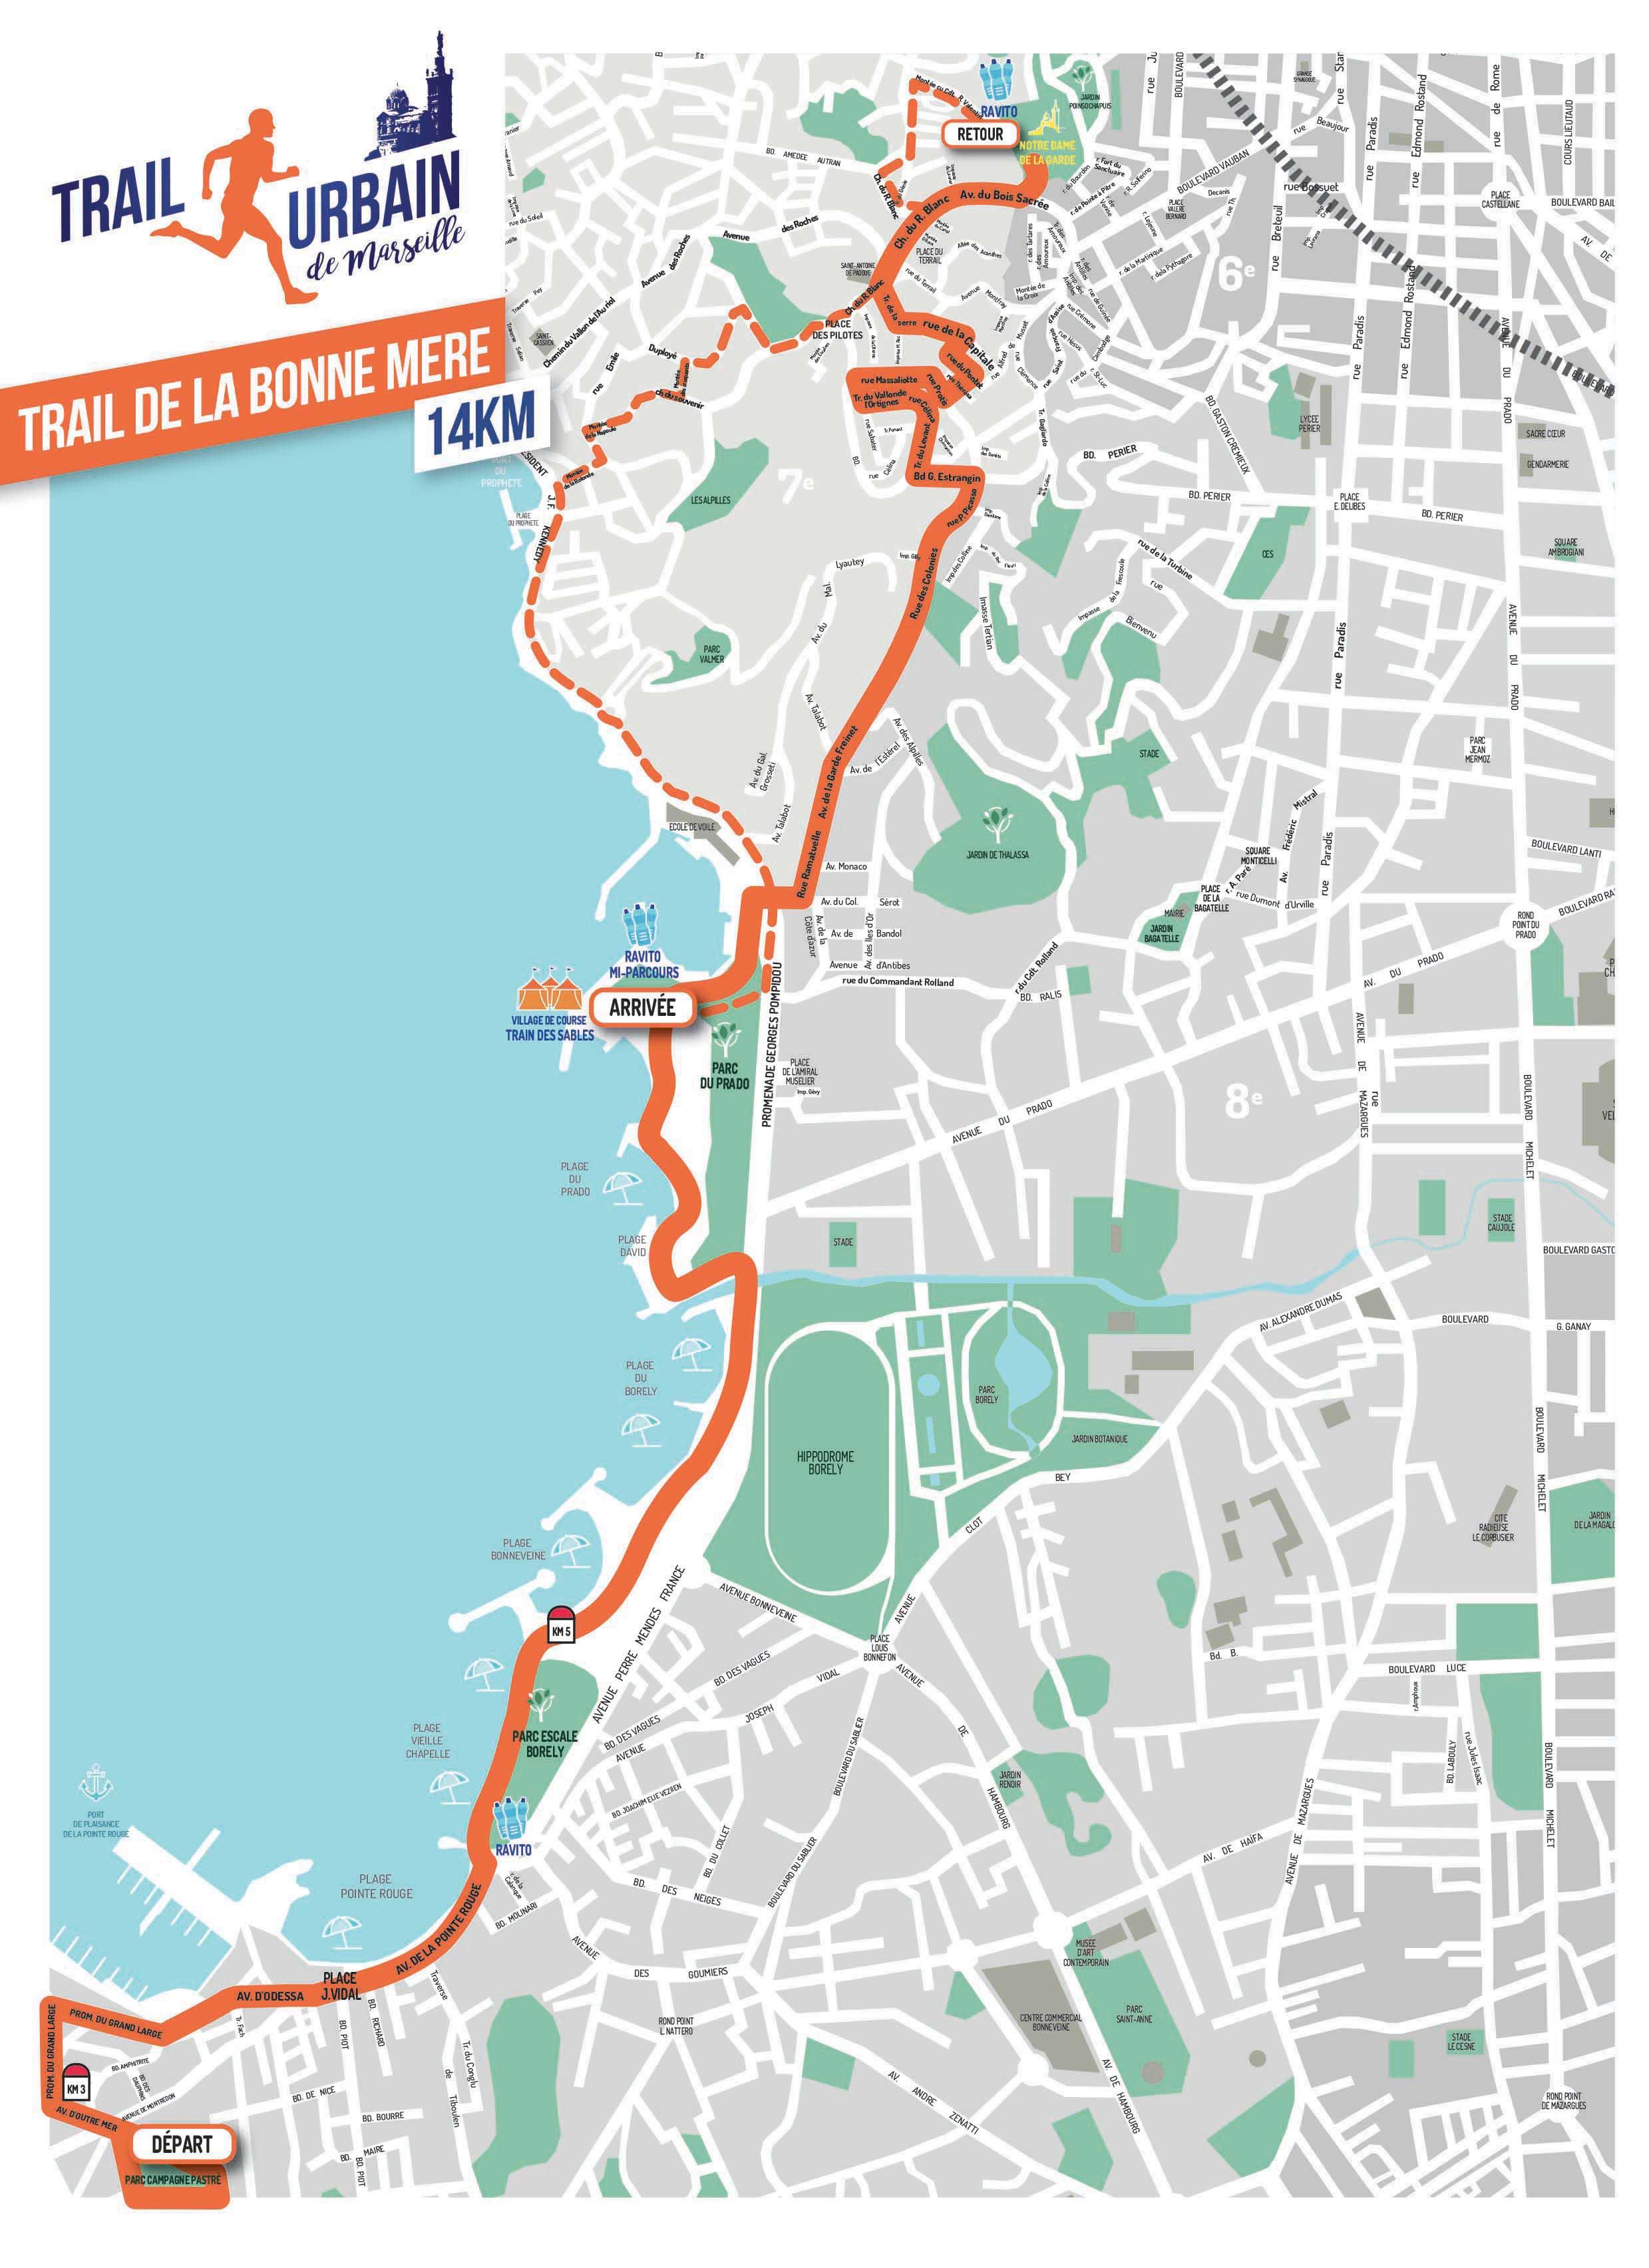 parcours trail de la bonne mère, Trail urbain de Marseille 2018, courir à Marseille